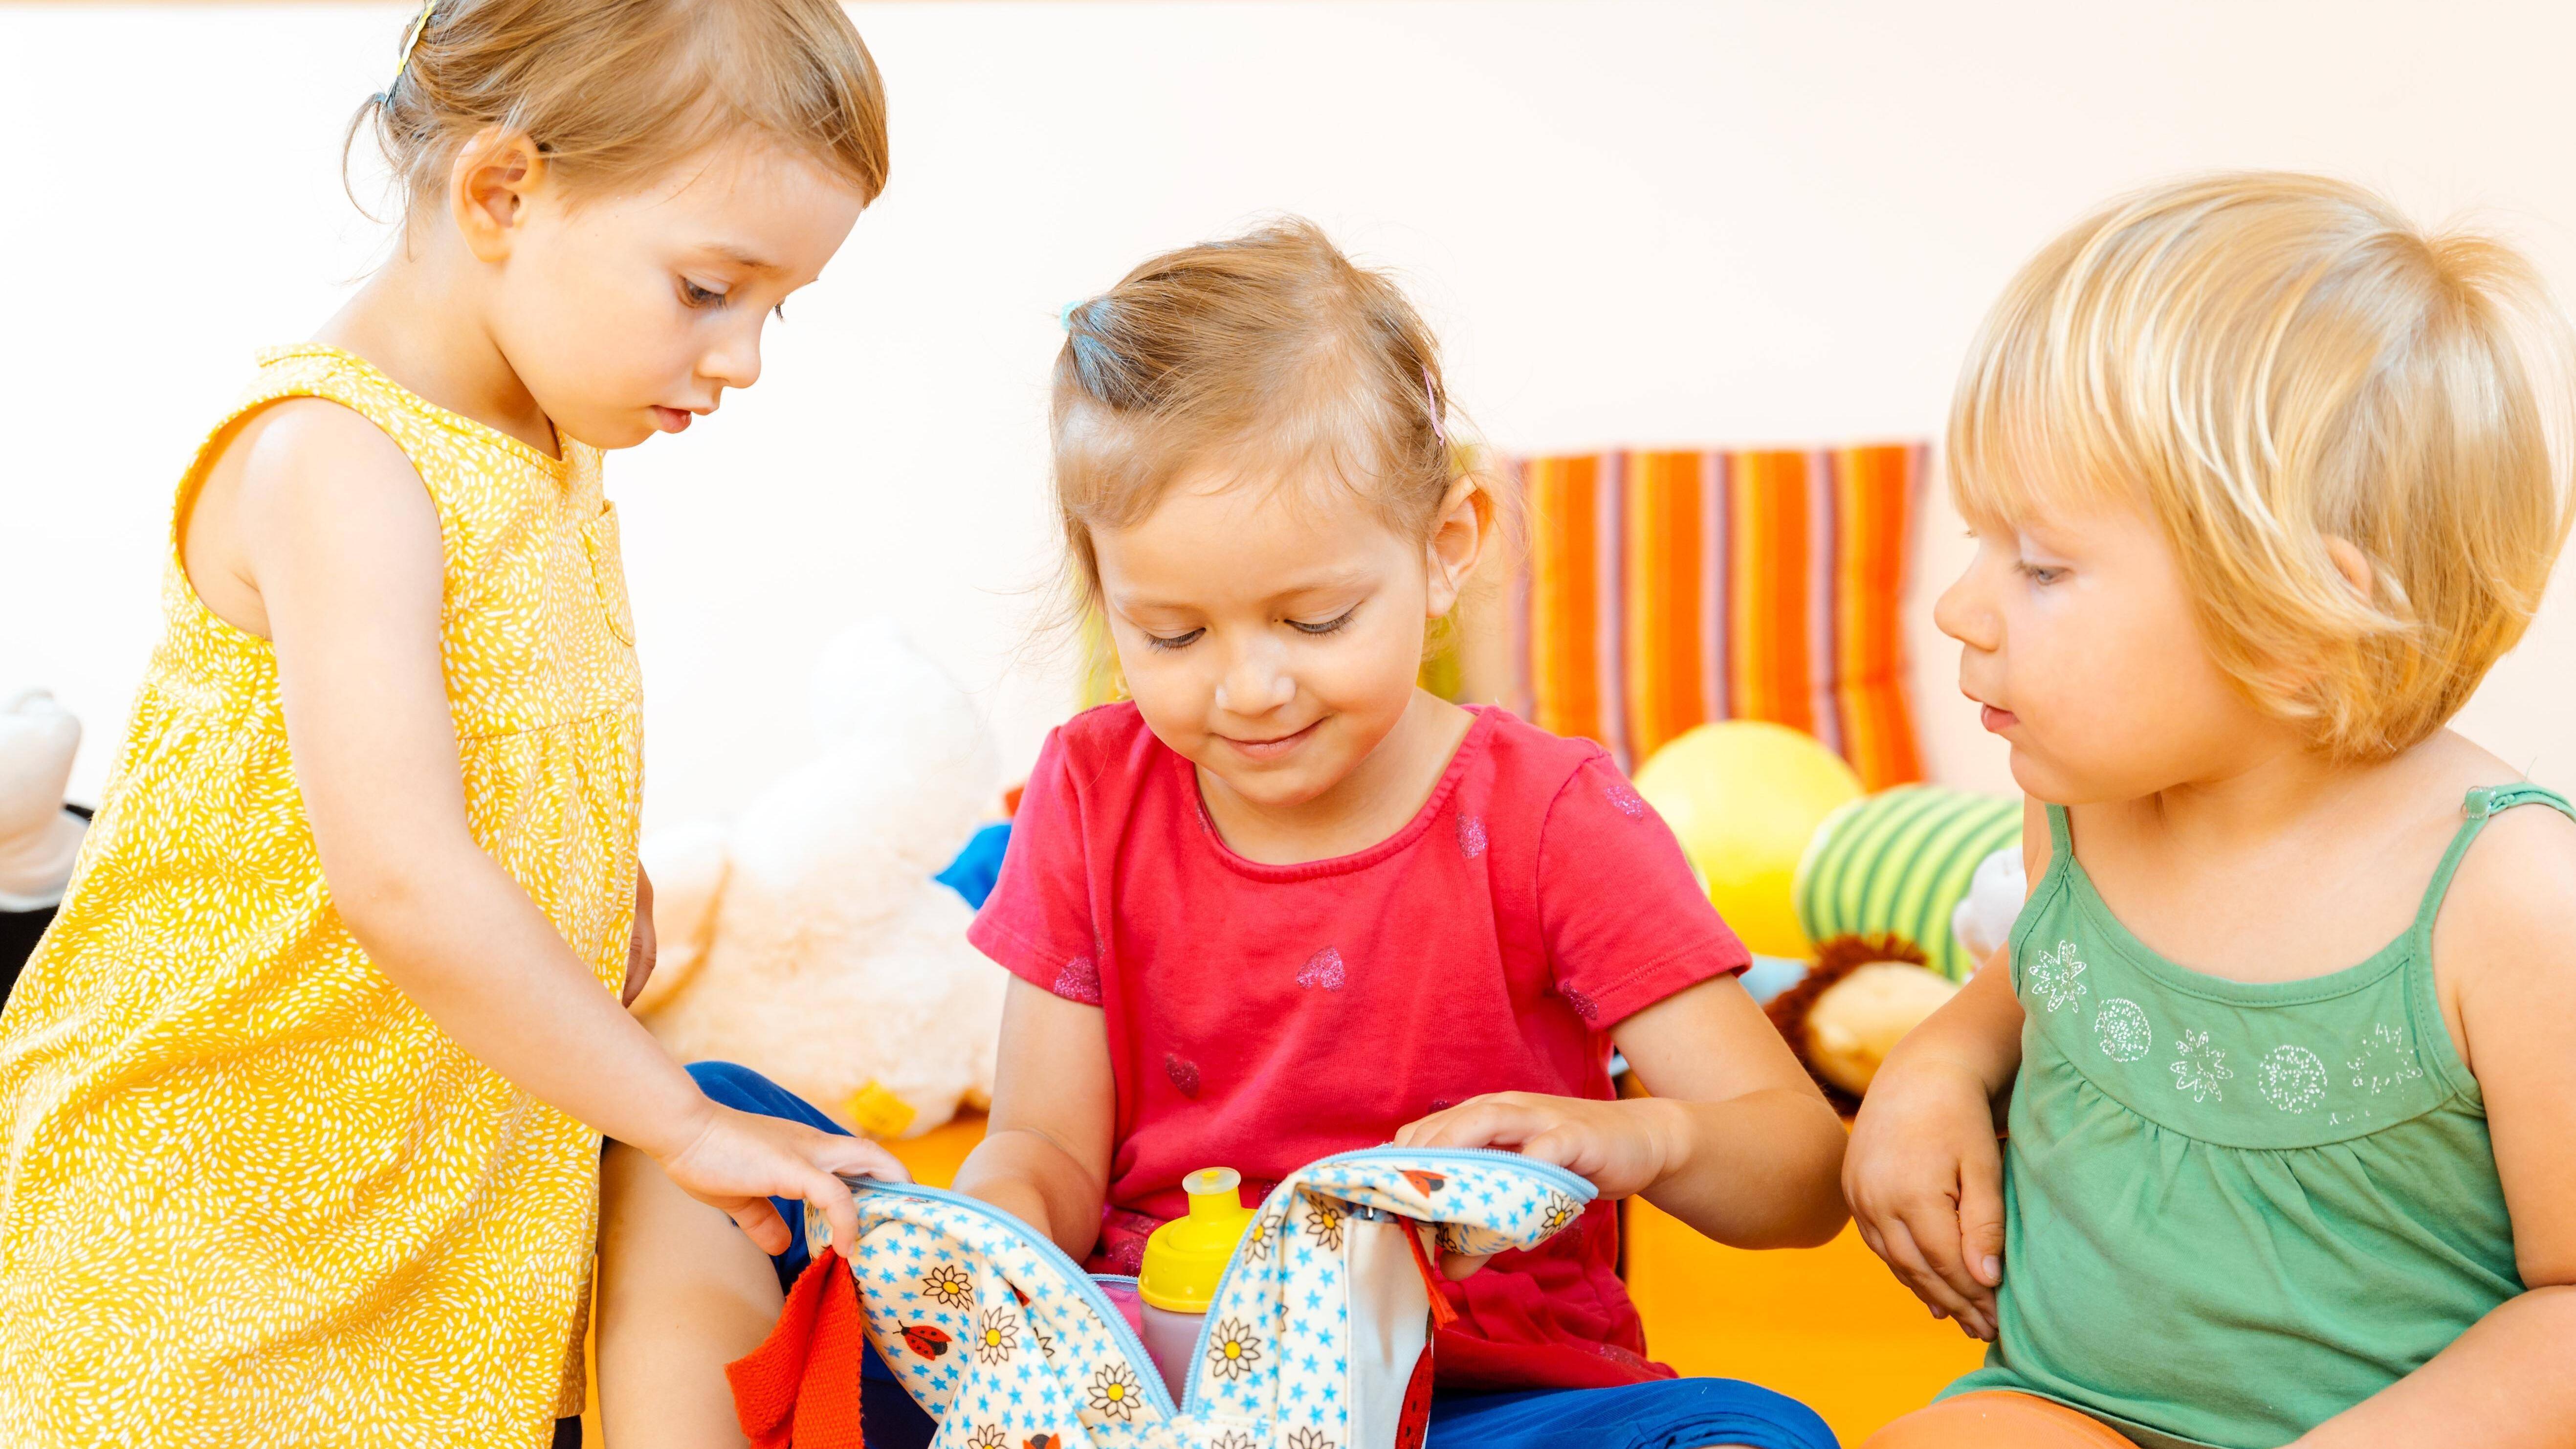 Integrationsplatz im Kindergarten: Das sind die Voraussetzungen